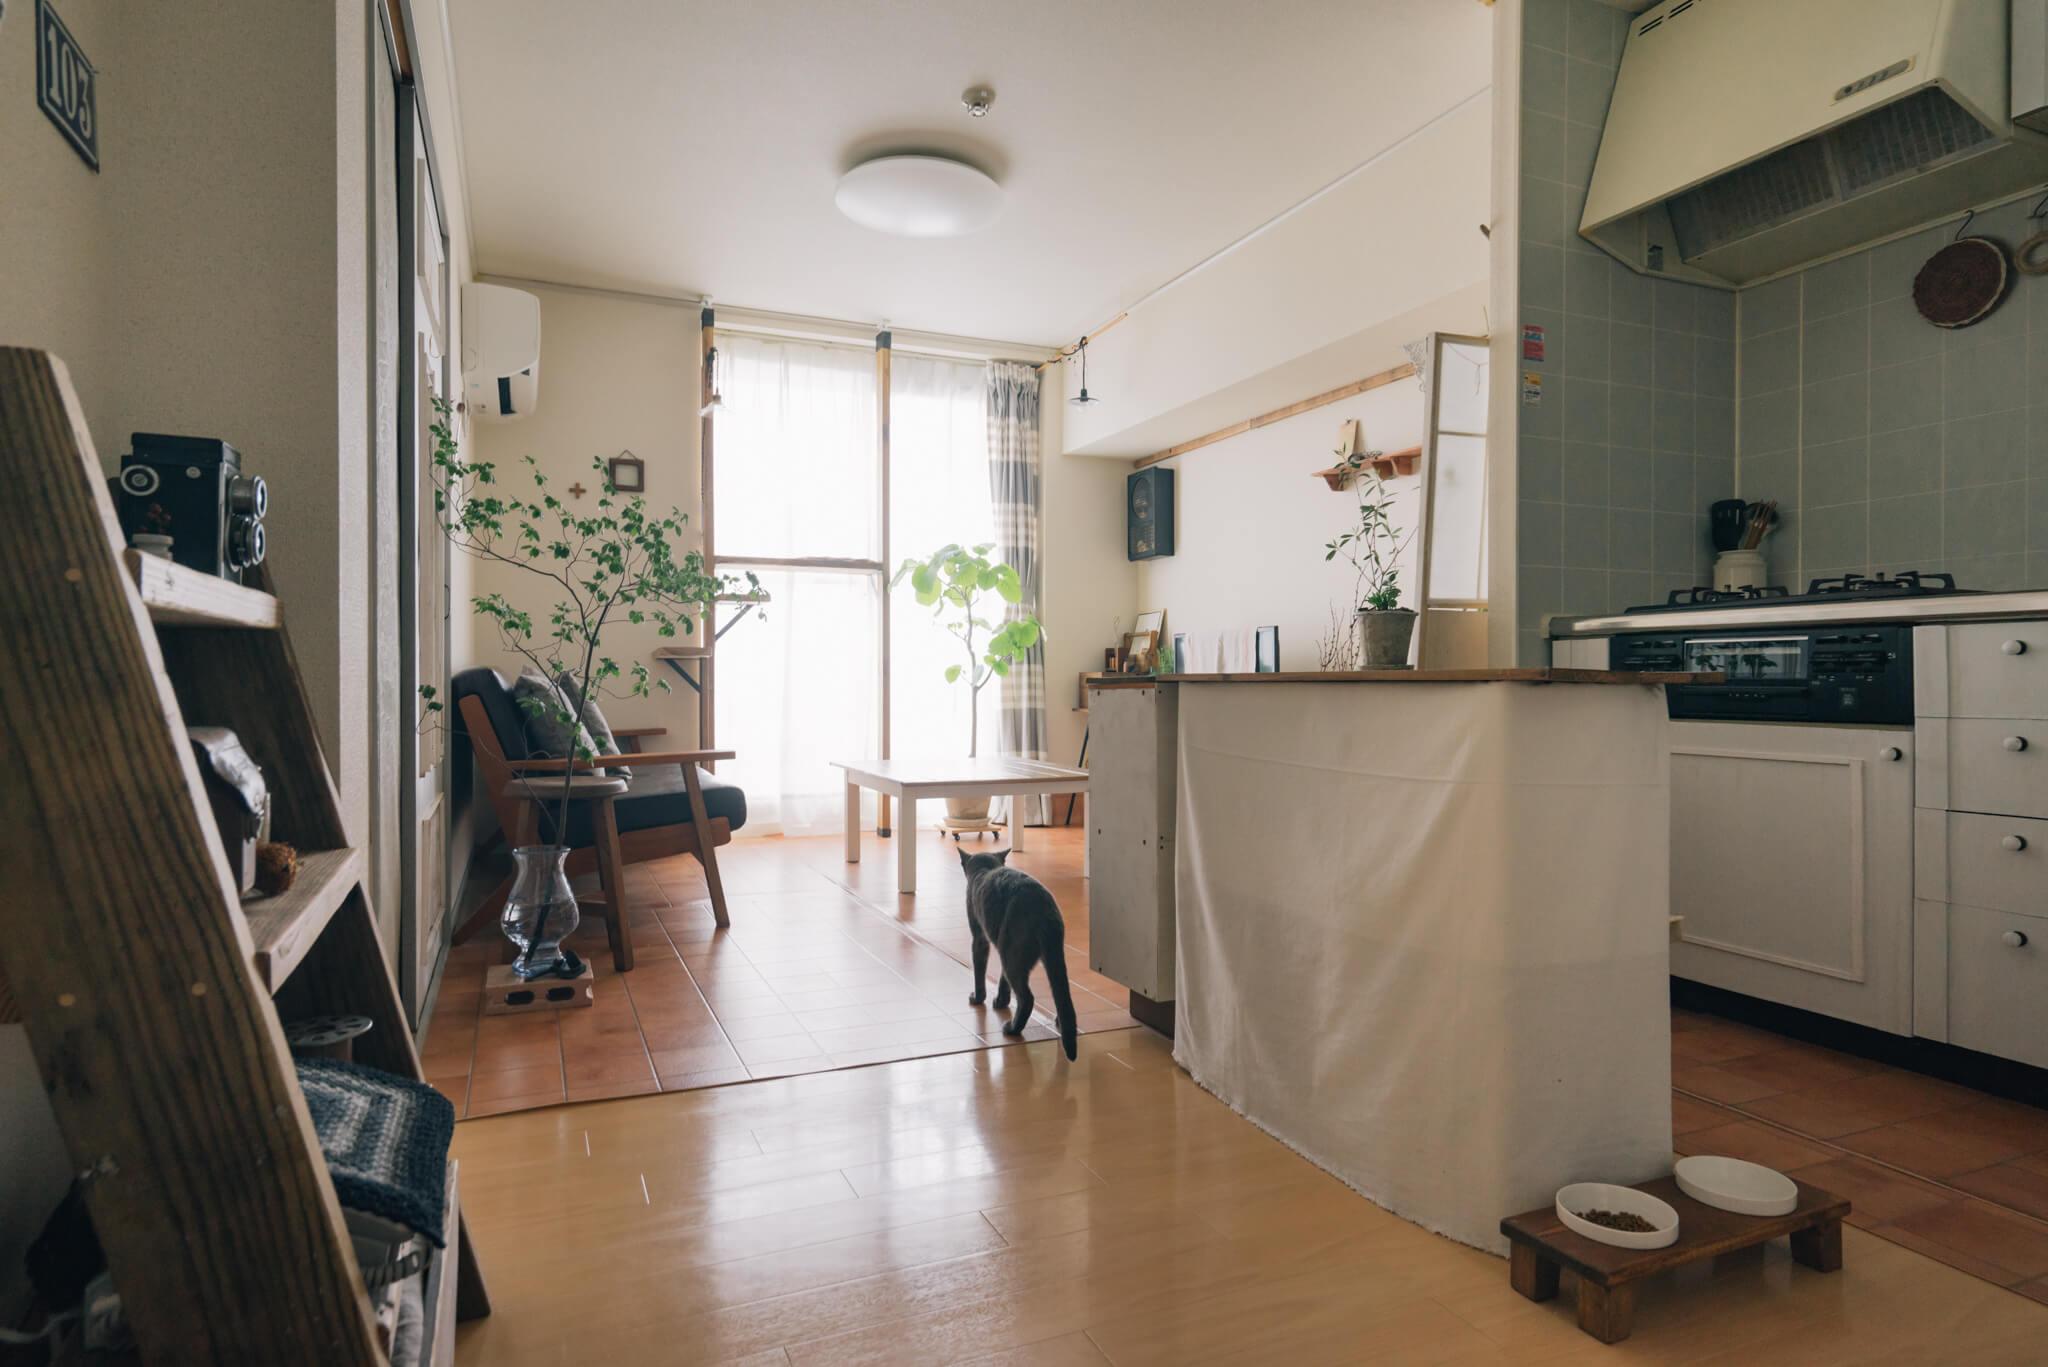 2LDKのアパートで娘さんと猫のプリン君と一緒に暮らしているさんしょくさん。ご機嫌のプリン君が陽当たりの良いリビングへ案内してくれました。